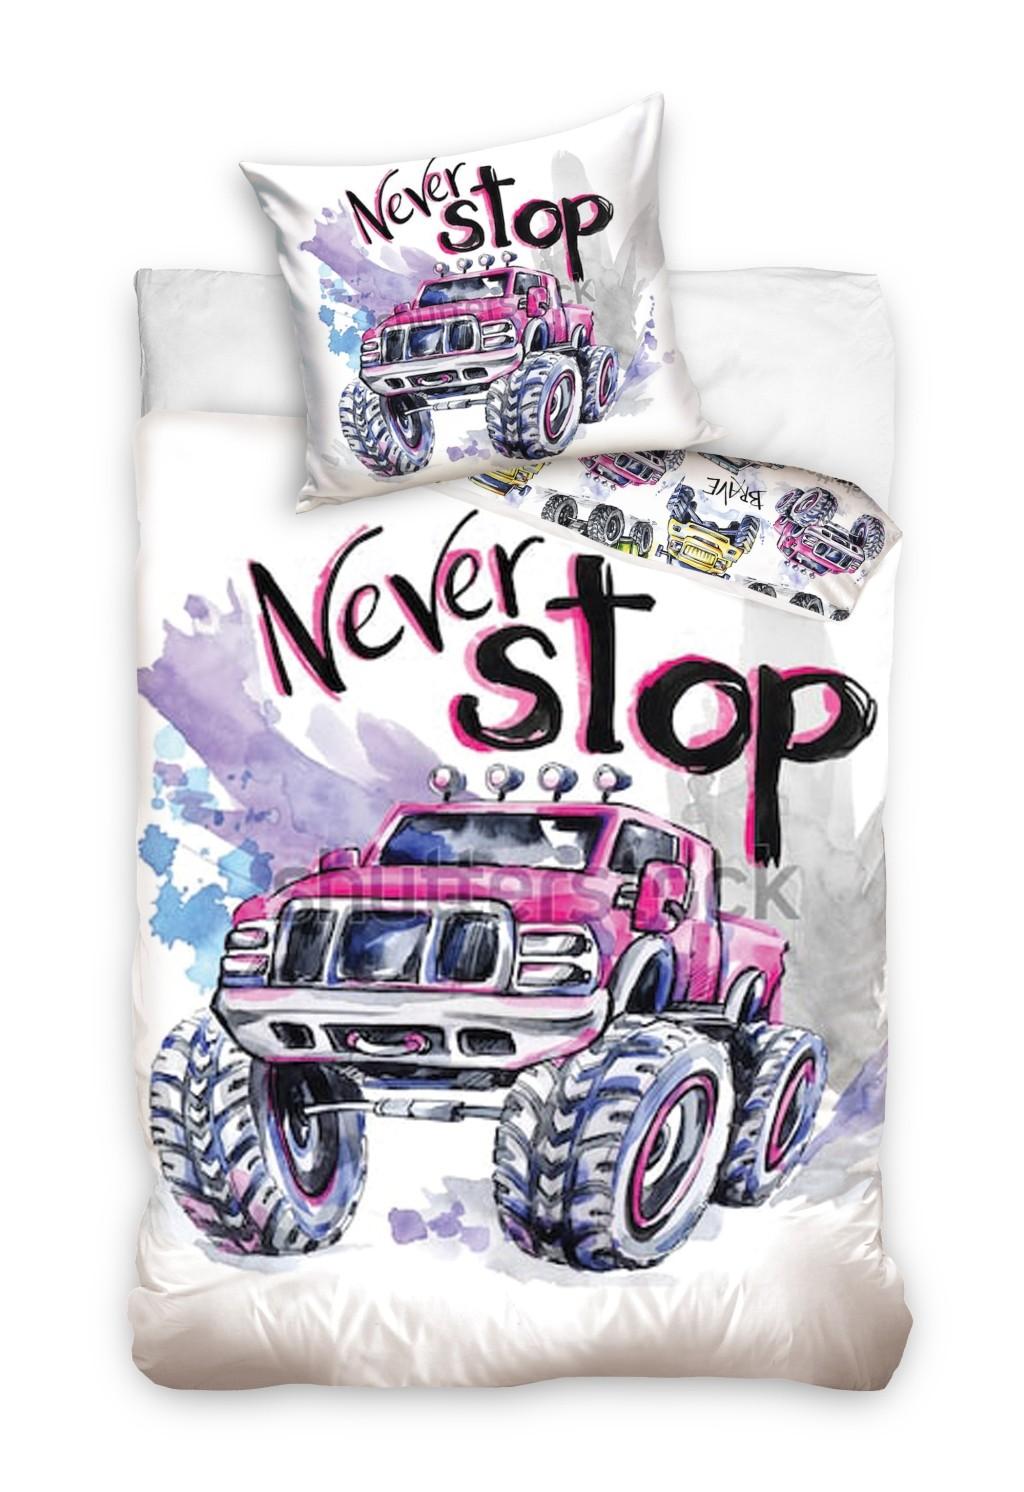 Dětské povlečení s nápisem Never Stop